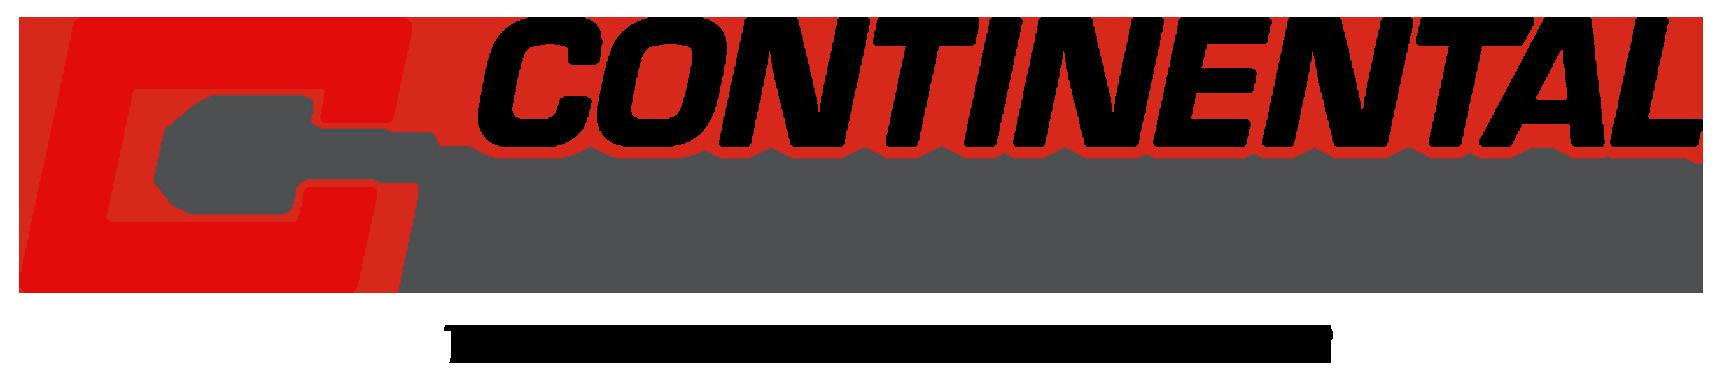 ROB106-65001-03